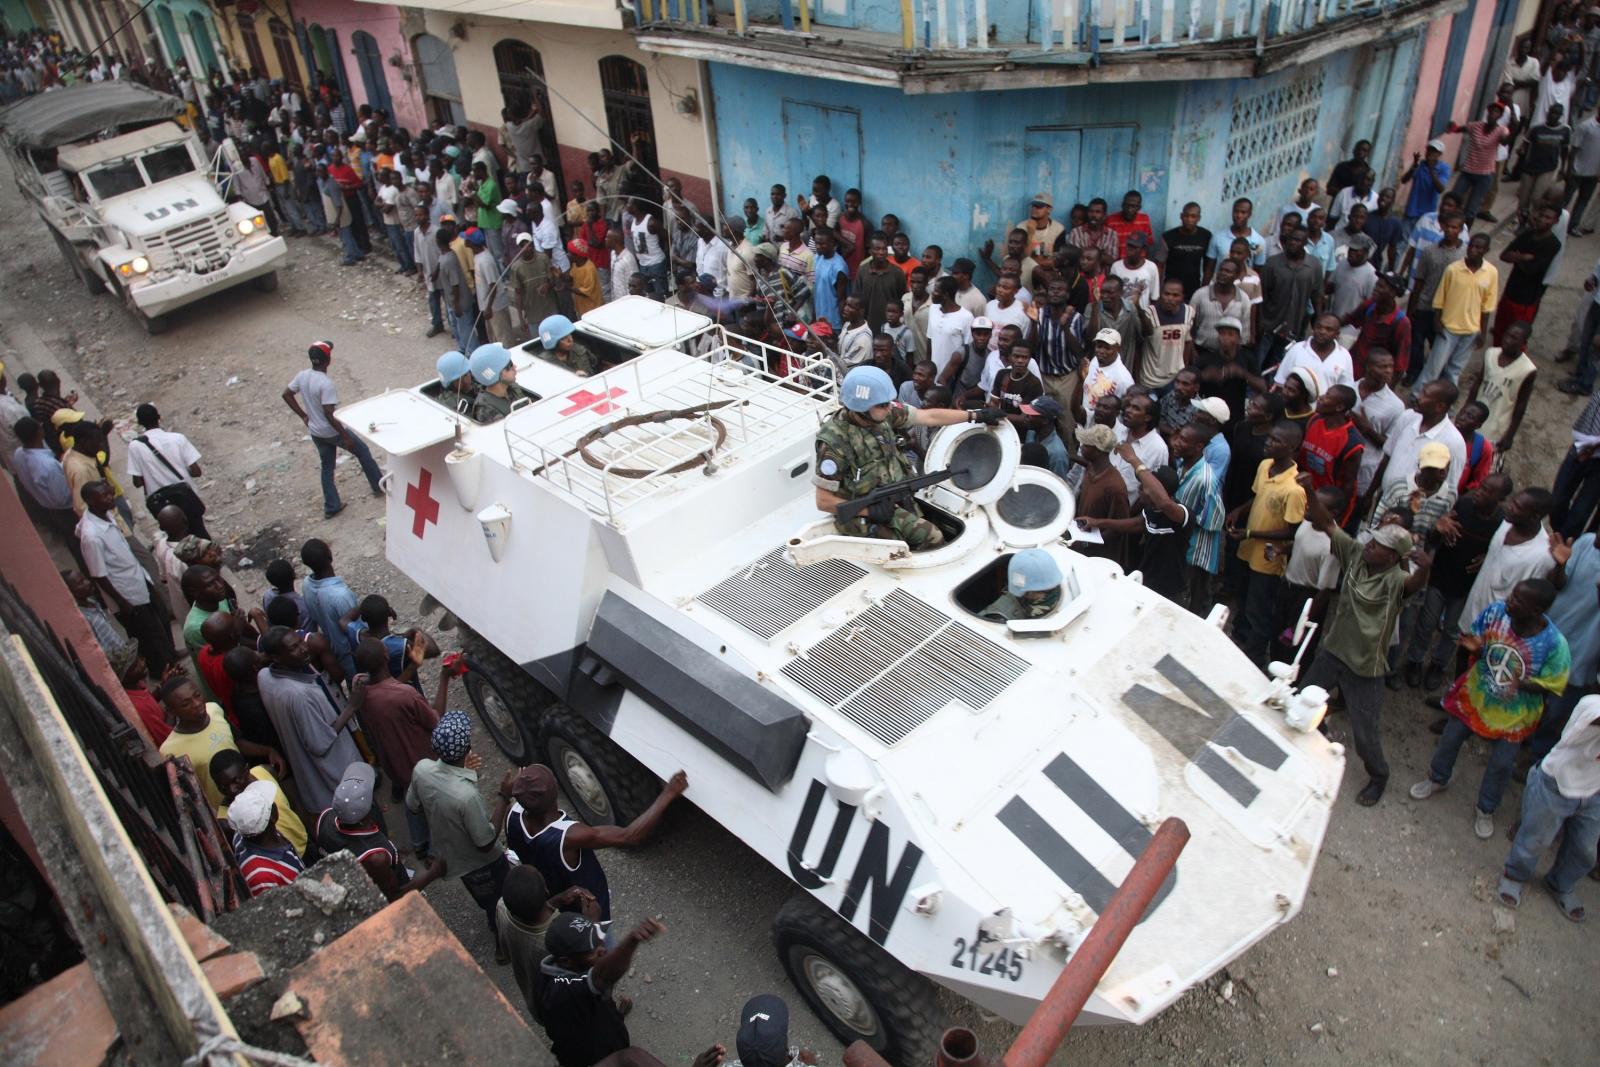 UN peacekeepers in Haiti in 2008